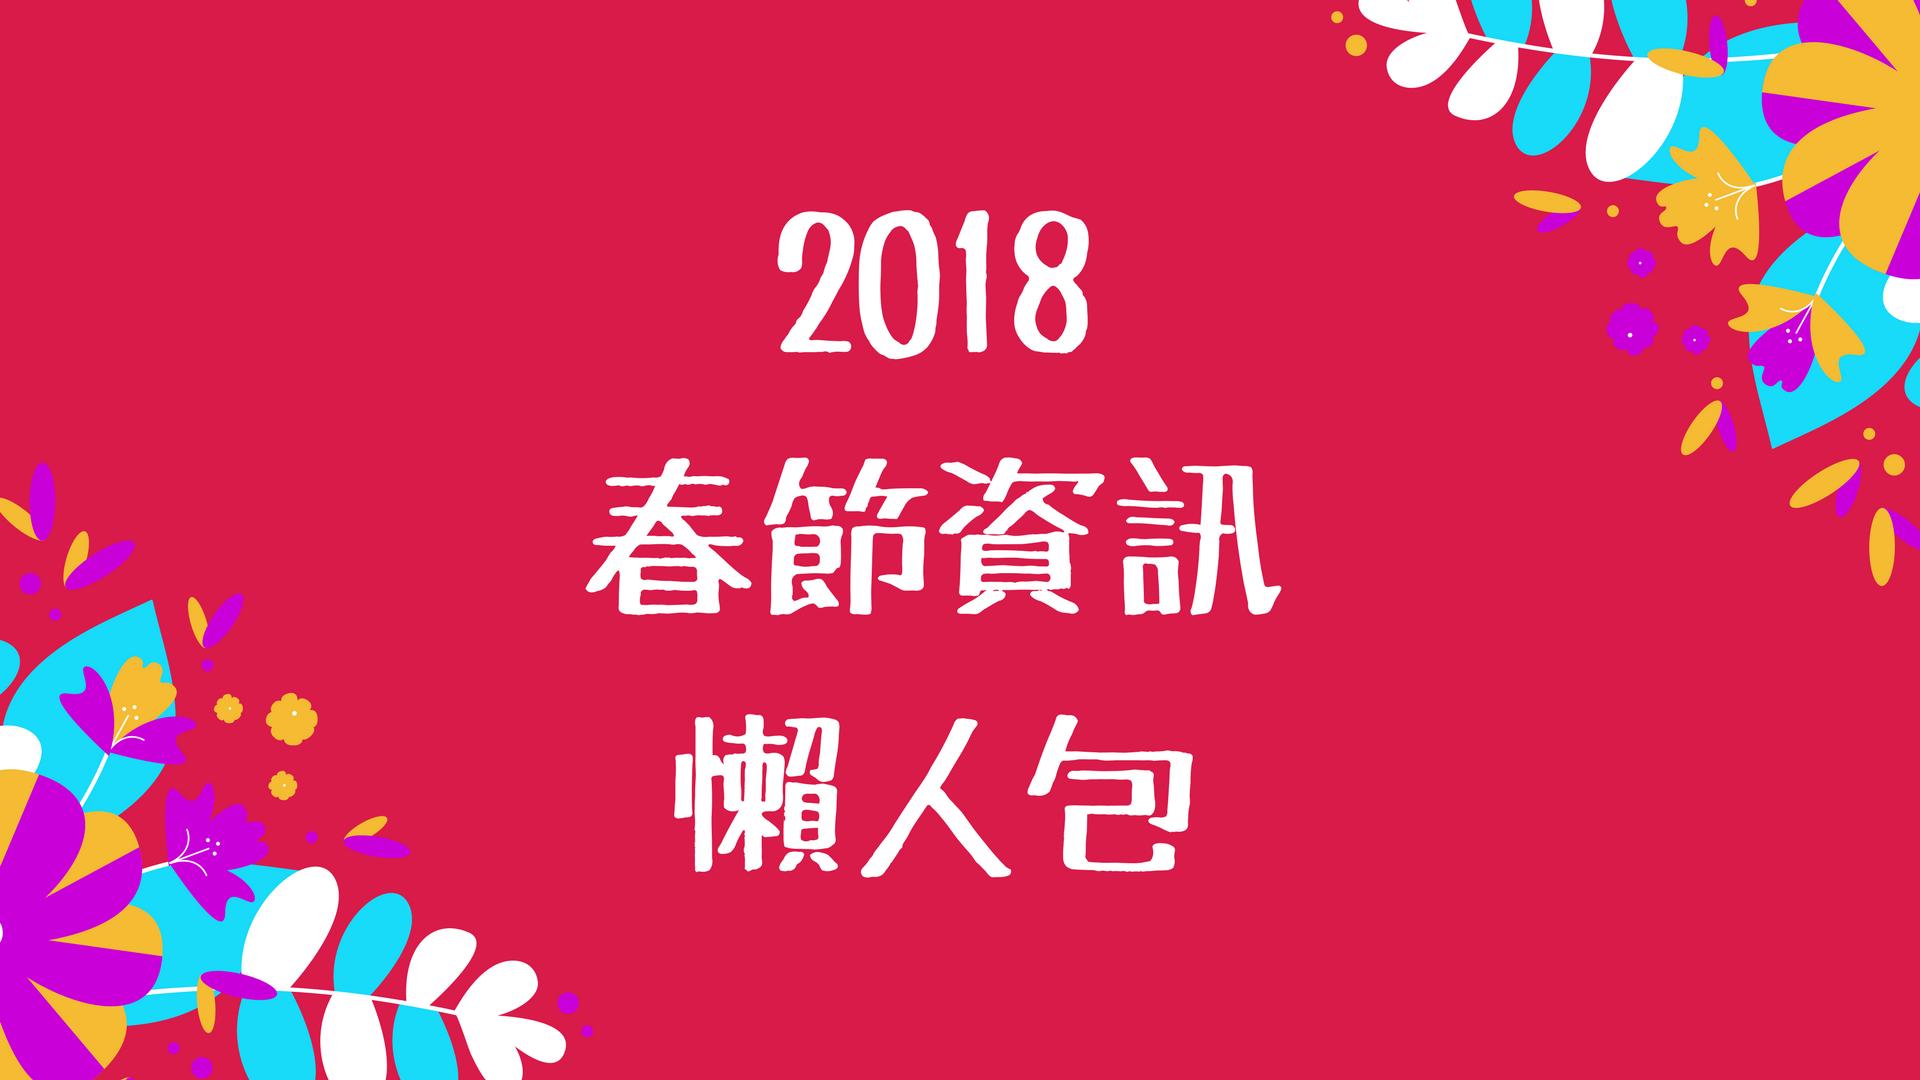 2018 台北春節過年資訊懶人包 高速公路管制/垃圾清運/換新鈔/